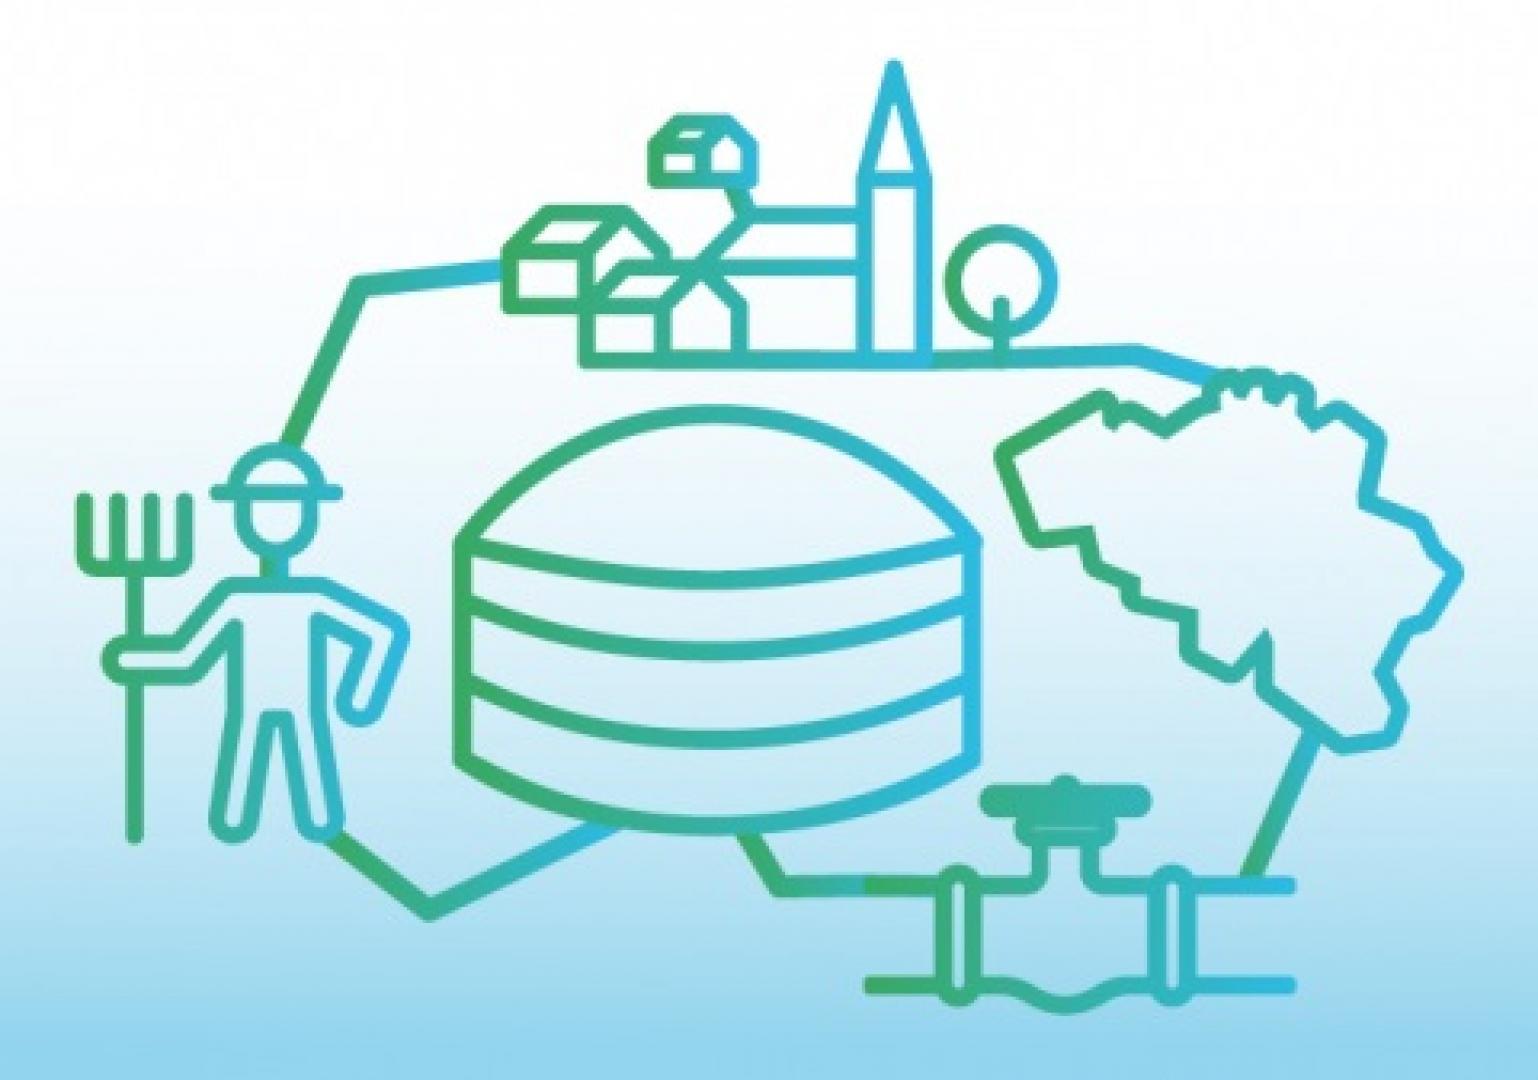 Hoeveel biomethaan kan er in België geproduceerd worden?